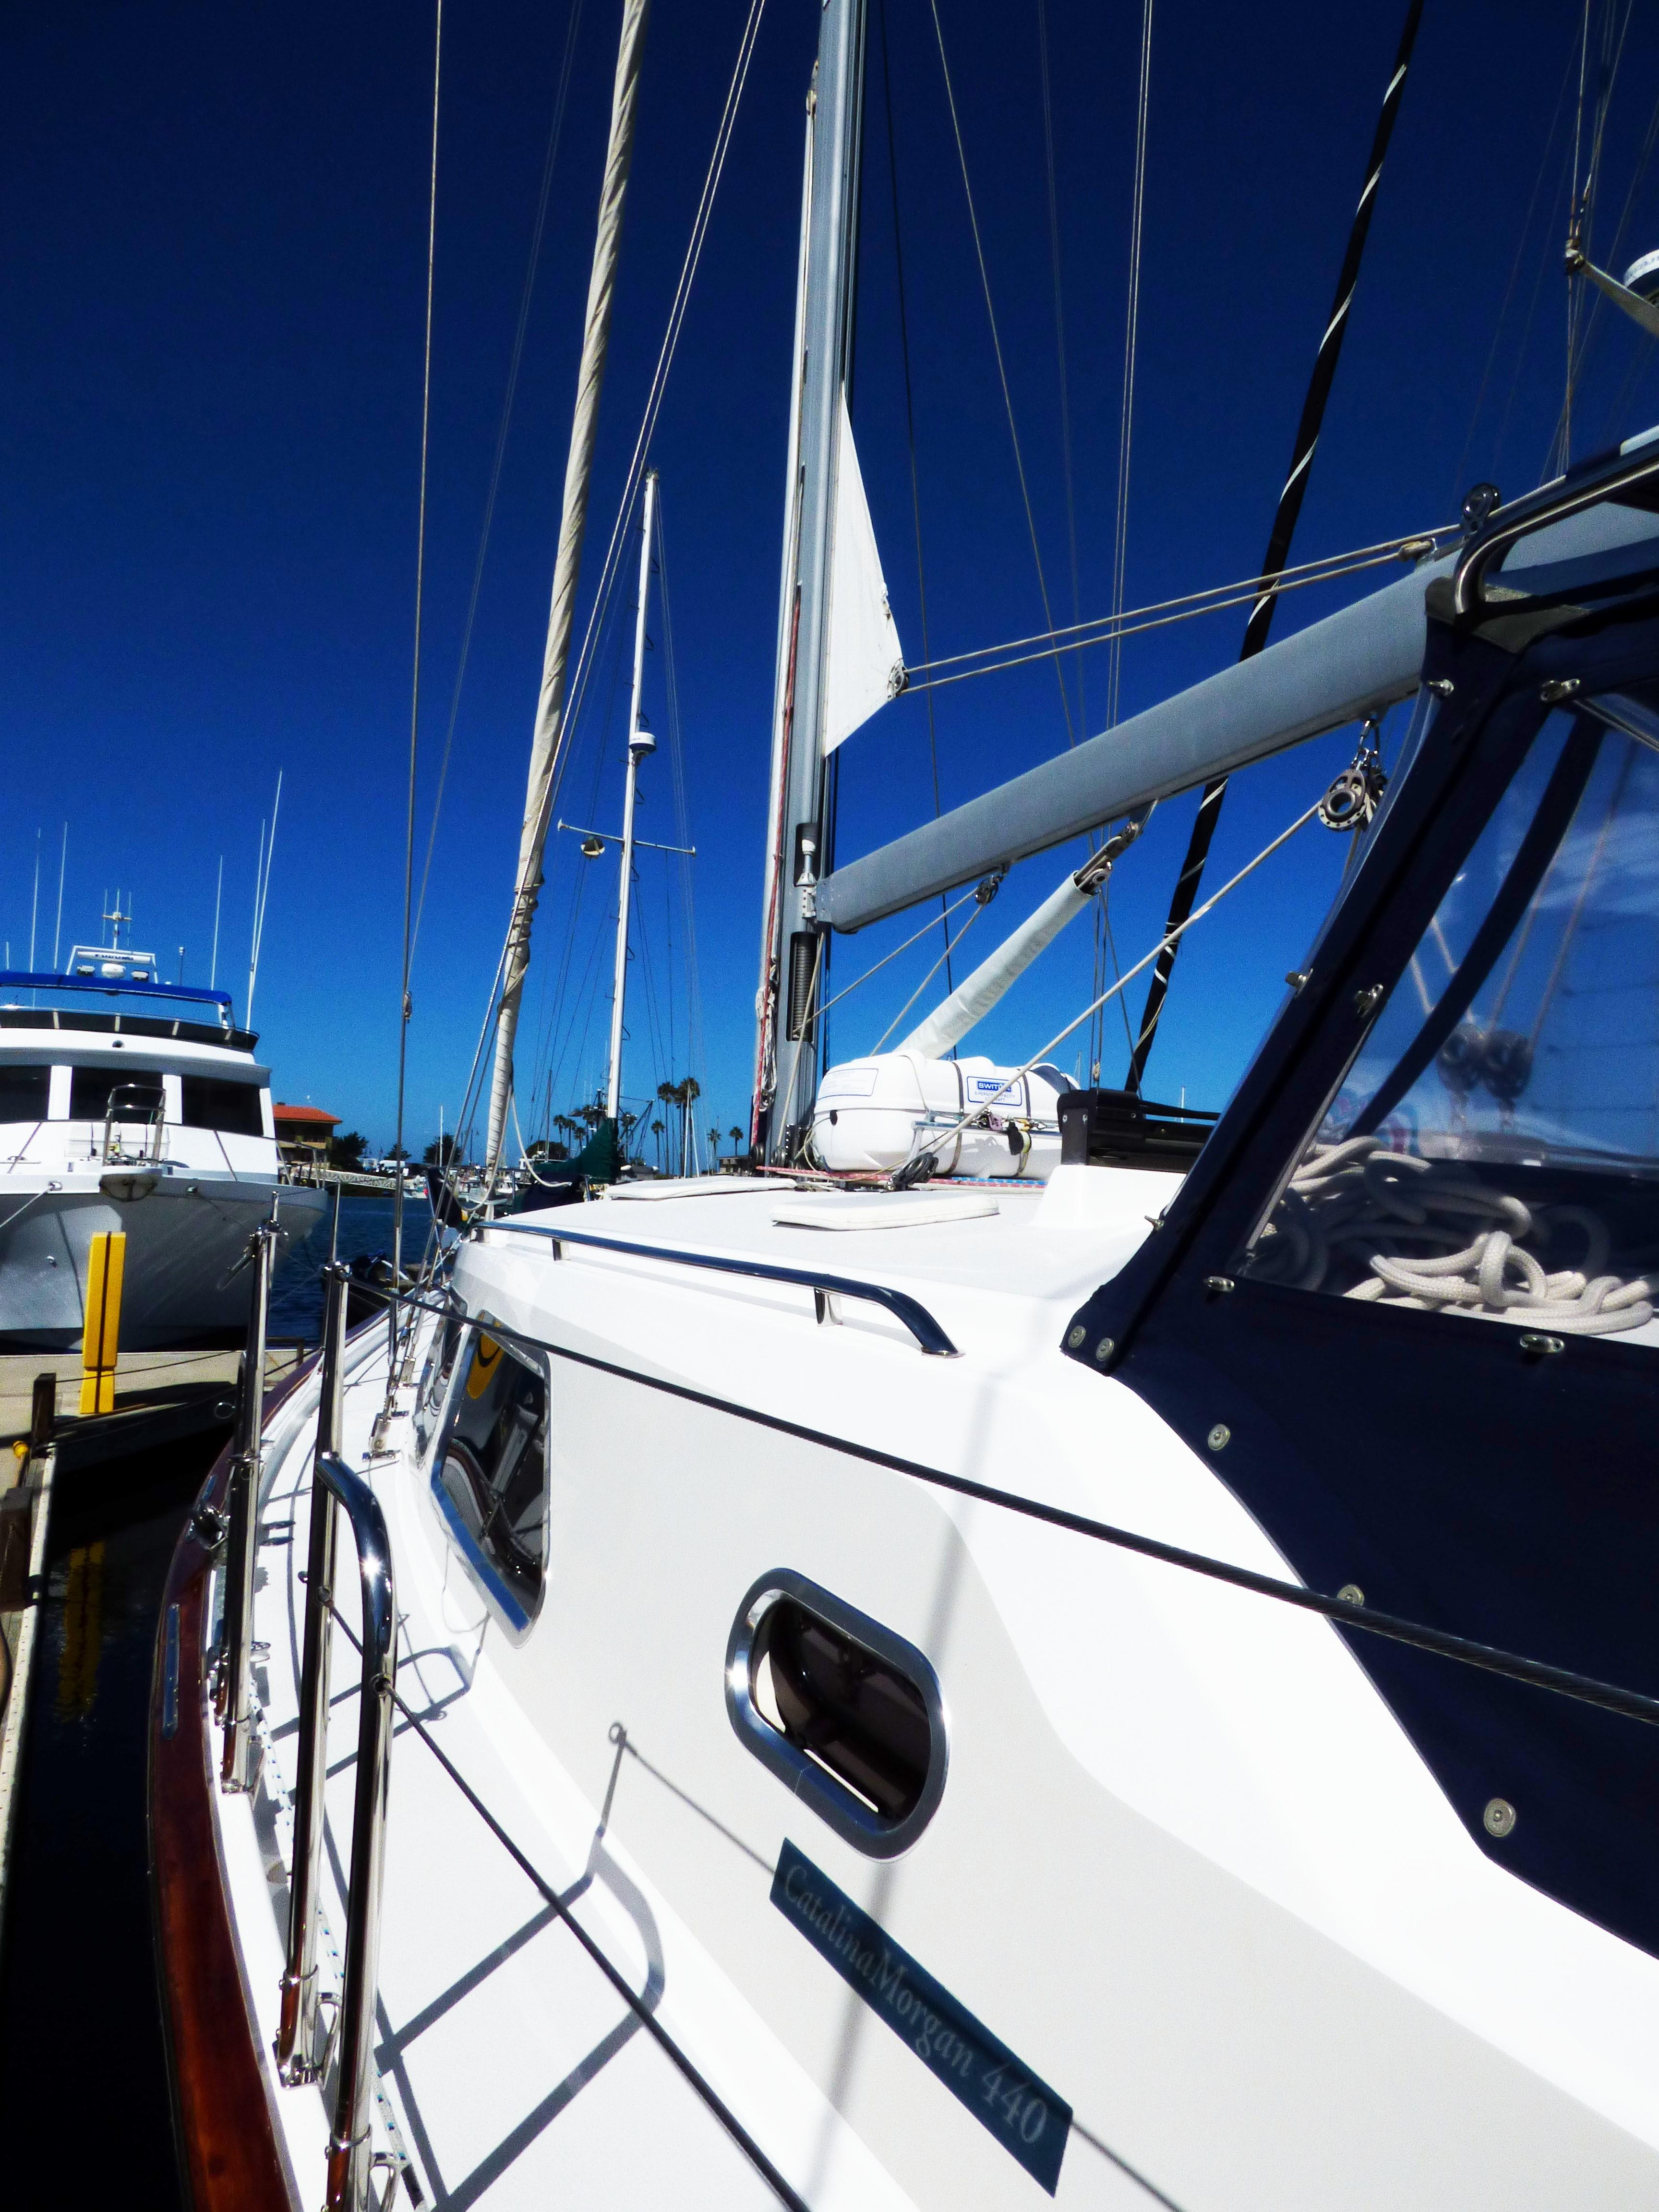 44' Catalina Morgan 440 2006 | Seacoast Yachts